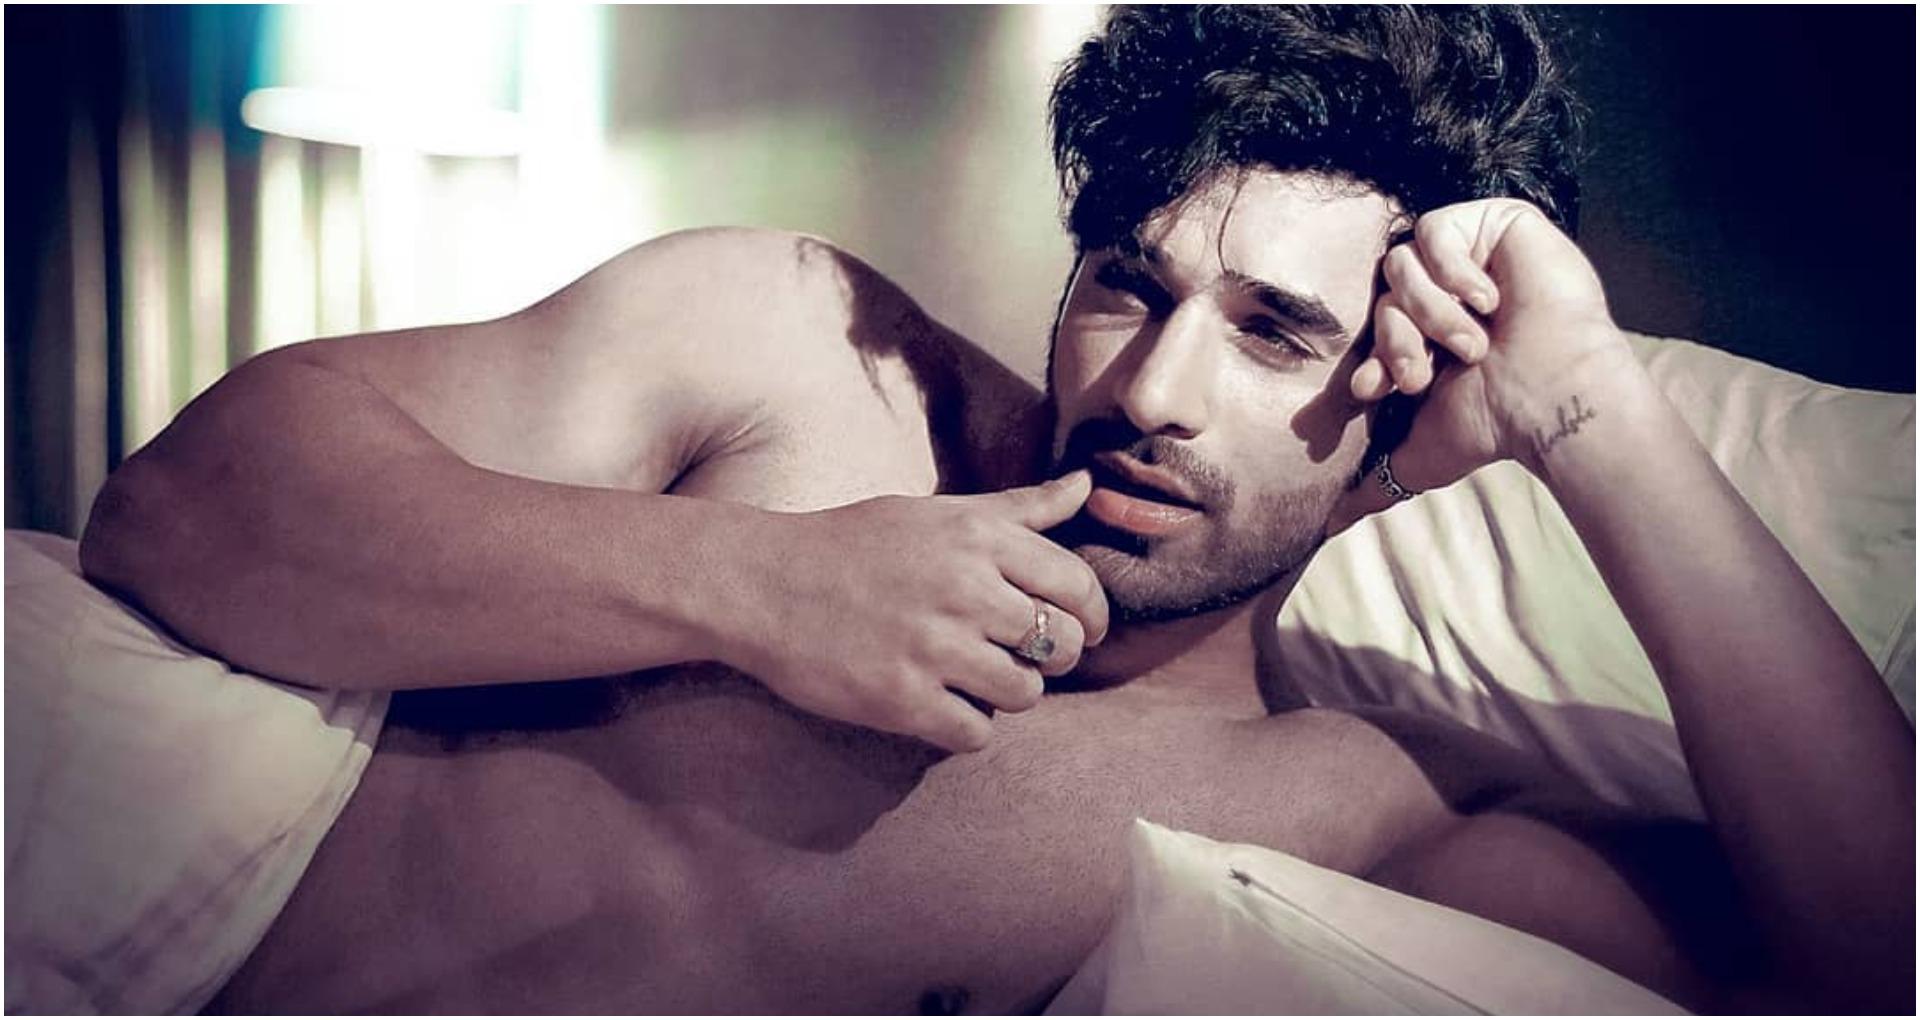 एकता कपूर की सुपरनैचरल ड्रामा 'नागिन 5' में असीम रियाज नहीं बल्कि पारस छाबड़ा निभाएंगे अहम् किरदार?